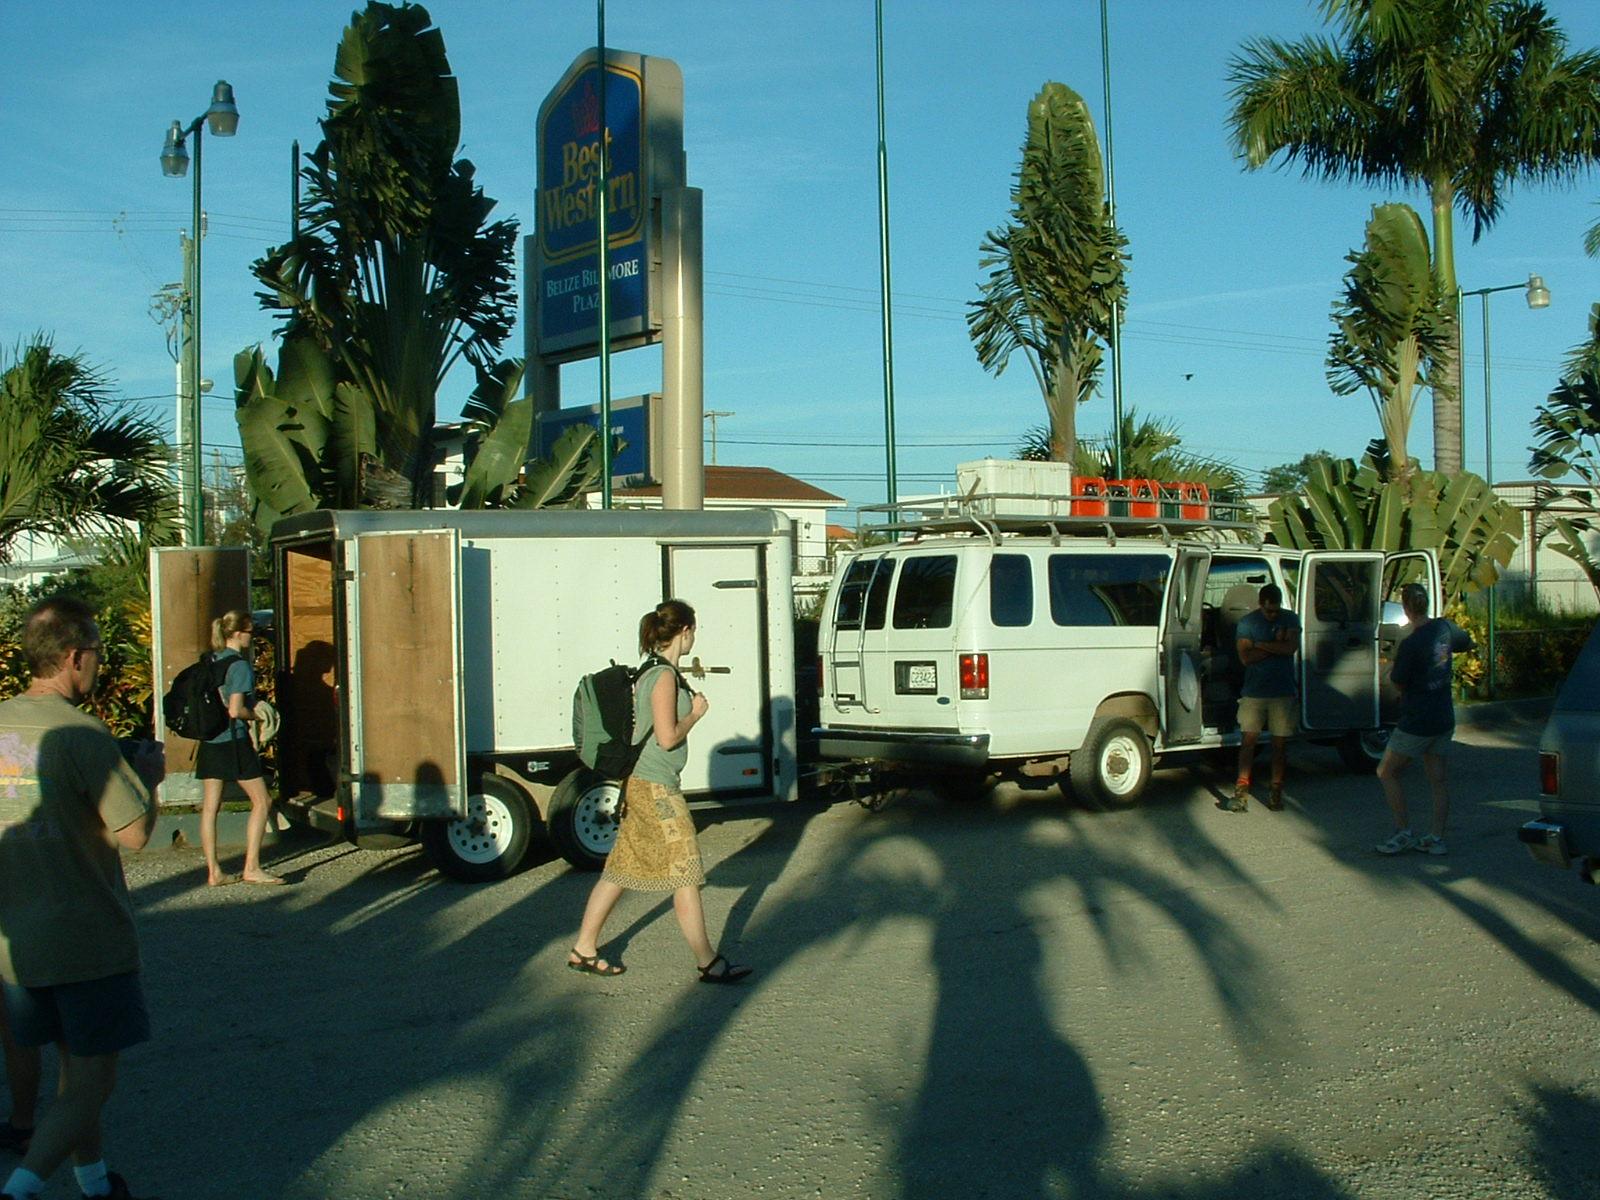 Loading into the Adventure Week van